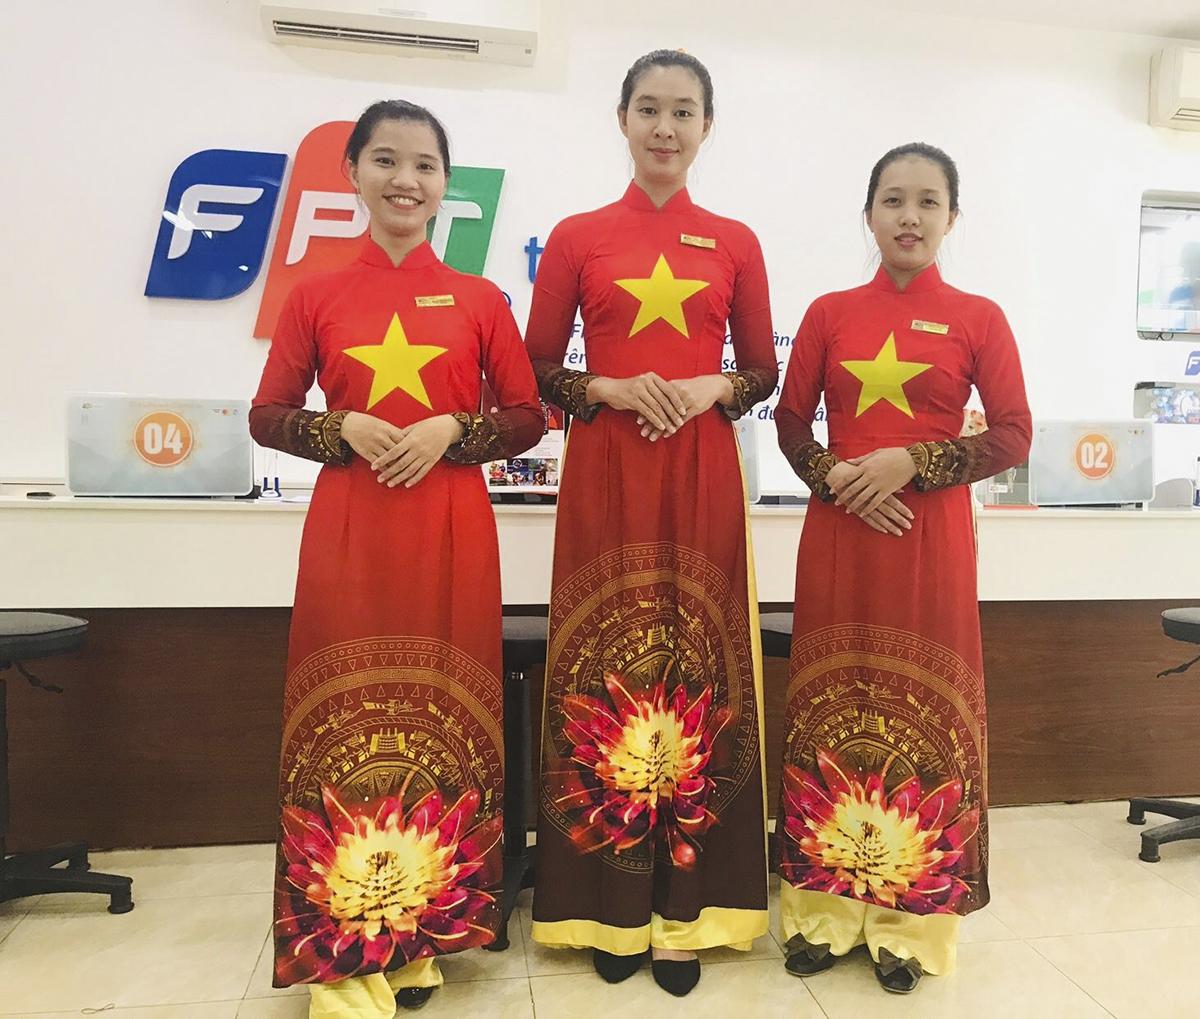 Một sự trùng hợp ngẫu nhiên khi các nữ nhân viên giao dịch tại FPT Telecom Bình Dương có cùng mẫu trang phục với những đồng nghiệp tại Trung tâm kinh doanh Sài Gòn 5. Trước đó, anh Nguyễn Đức Tân, Giám đốc Trung tâm kinh doanh số 3 FPT Telecom Bình Dương đã thực hiện ý tưởng đúc cup đồng khổng lồ nặng 130kg diễu hành quanh thành phố Thủ Dầu Một 1 giờ đồng hồ trước khi tiếng còi khai cuộc trận chung kết AFF Suziki Cup 2018 vang lên.